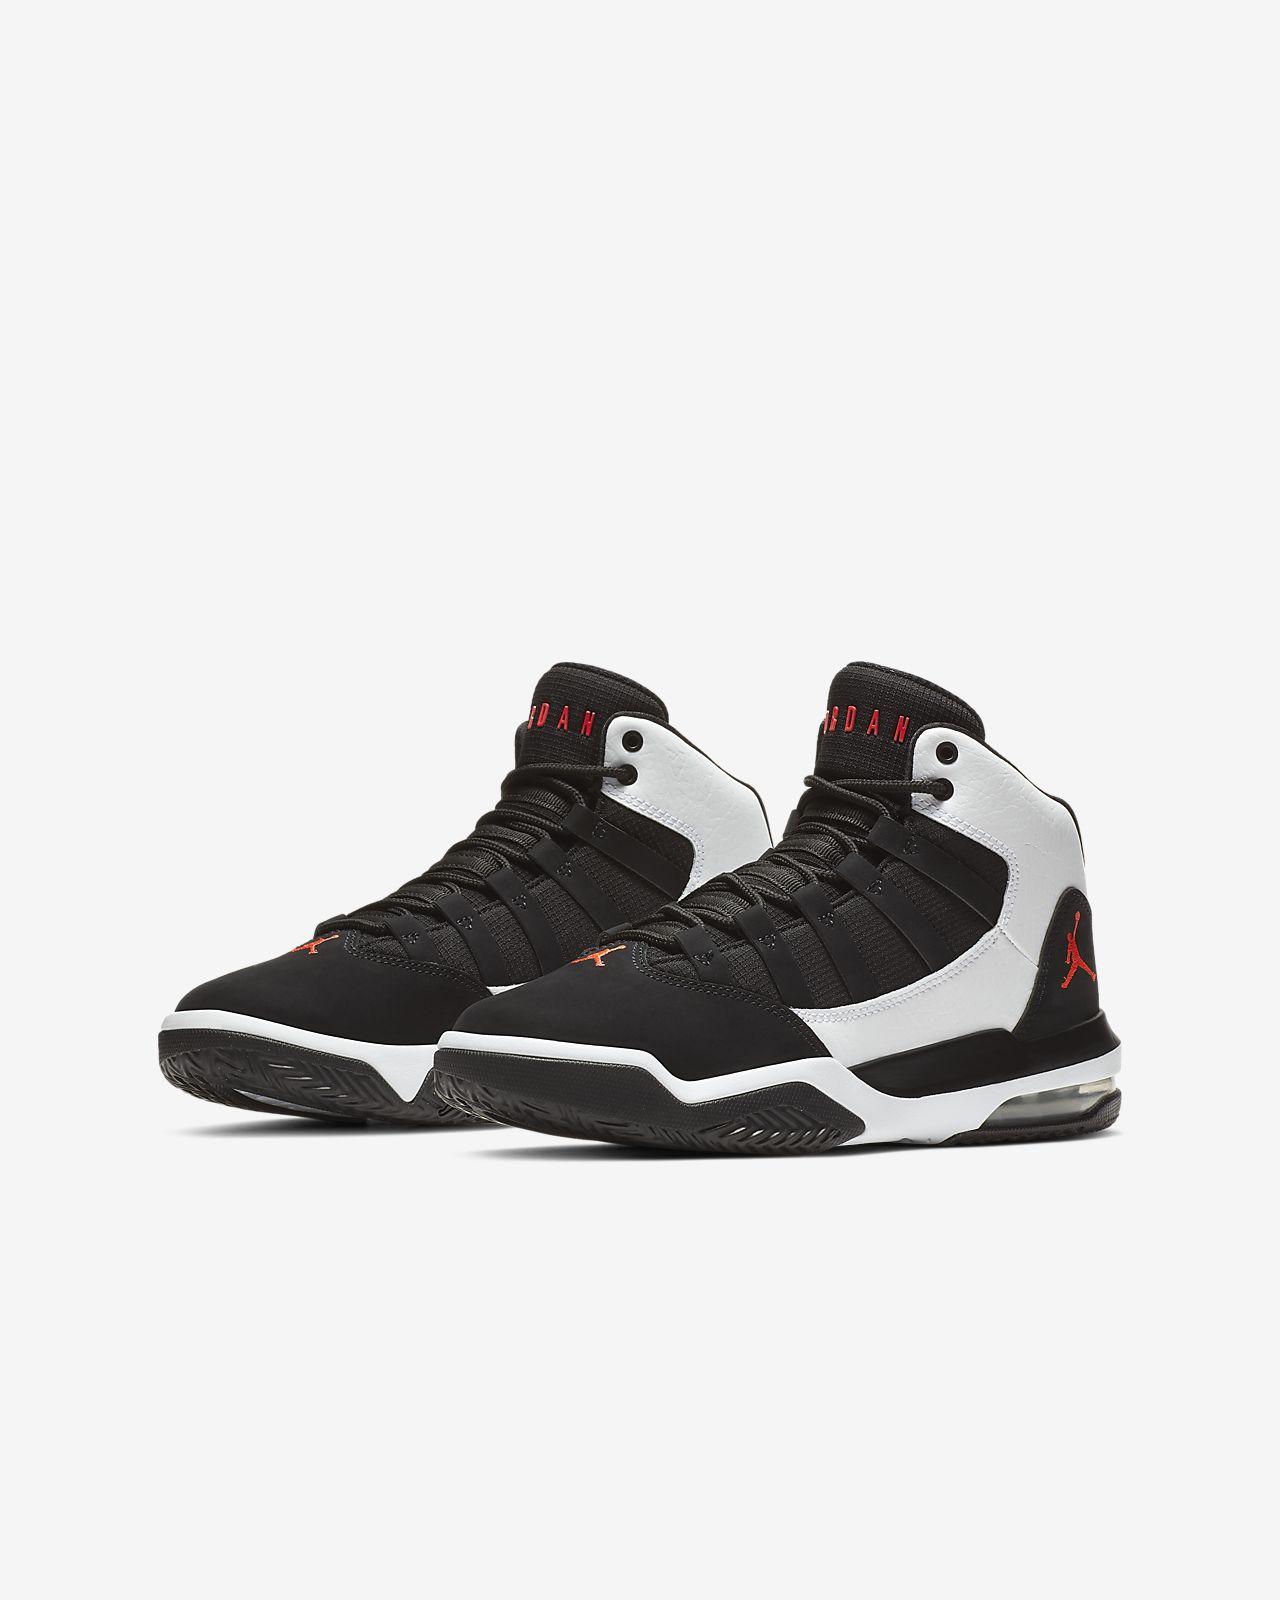 Chaussure Jordan Enfant Plus Pour Fr Aura Max Âgé 1fxrRw1